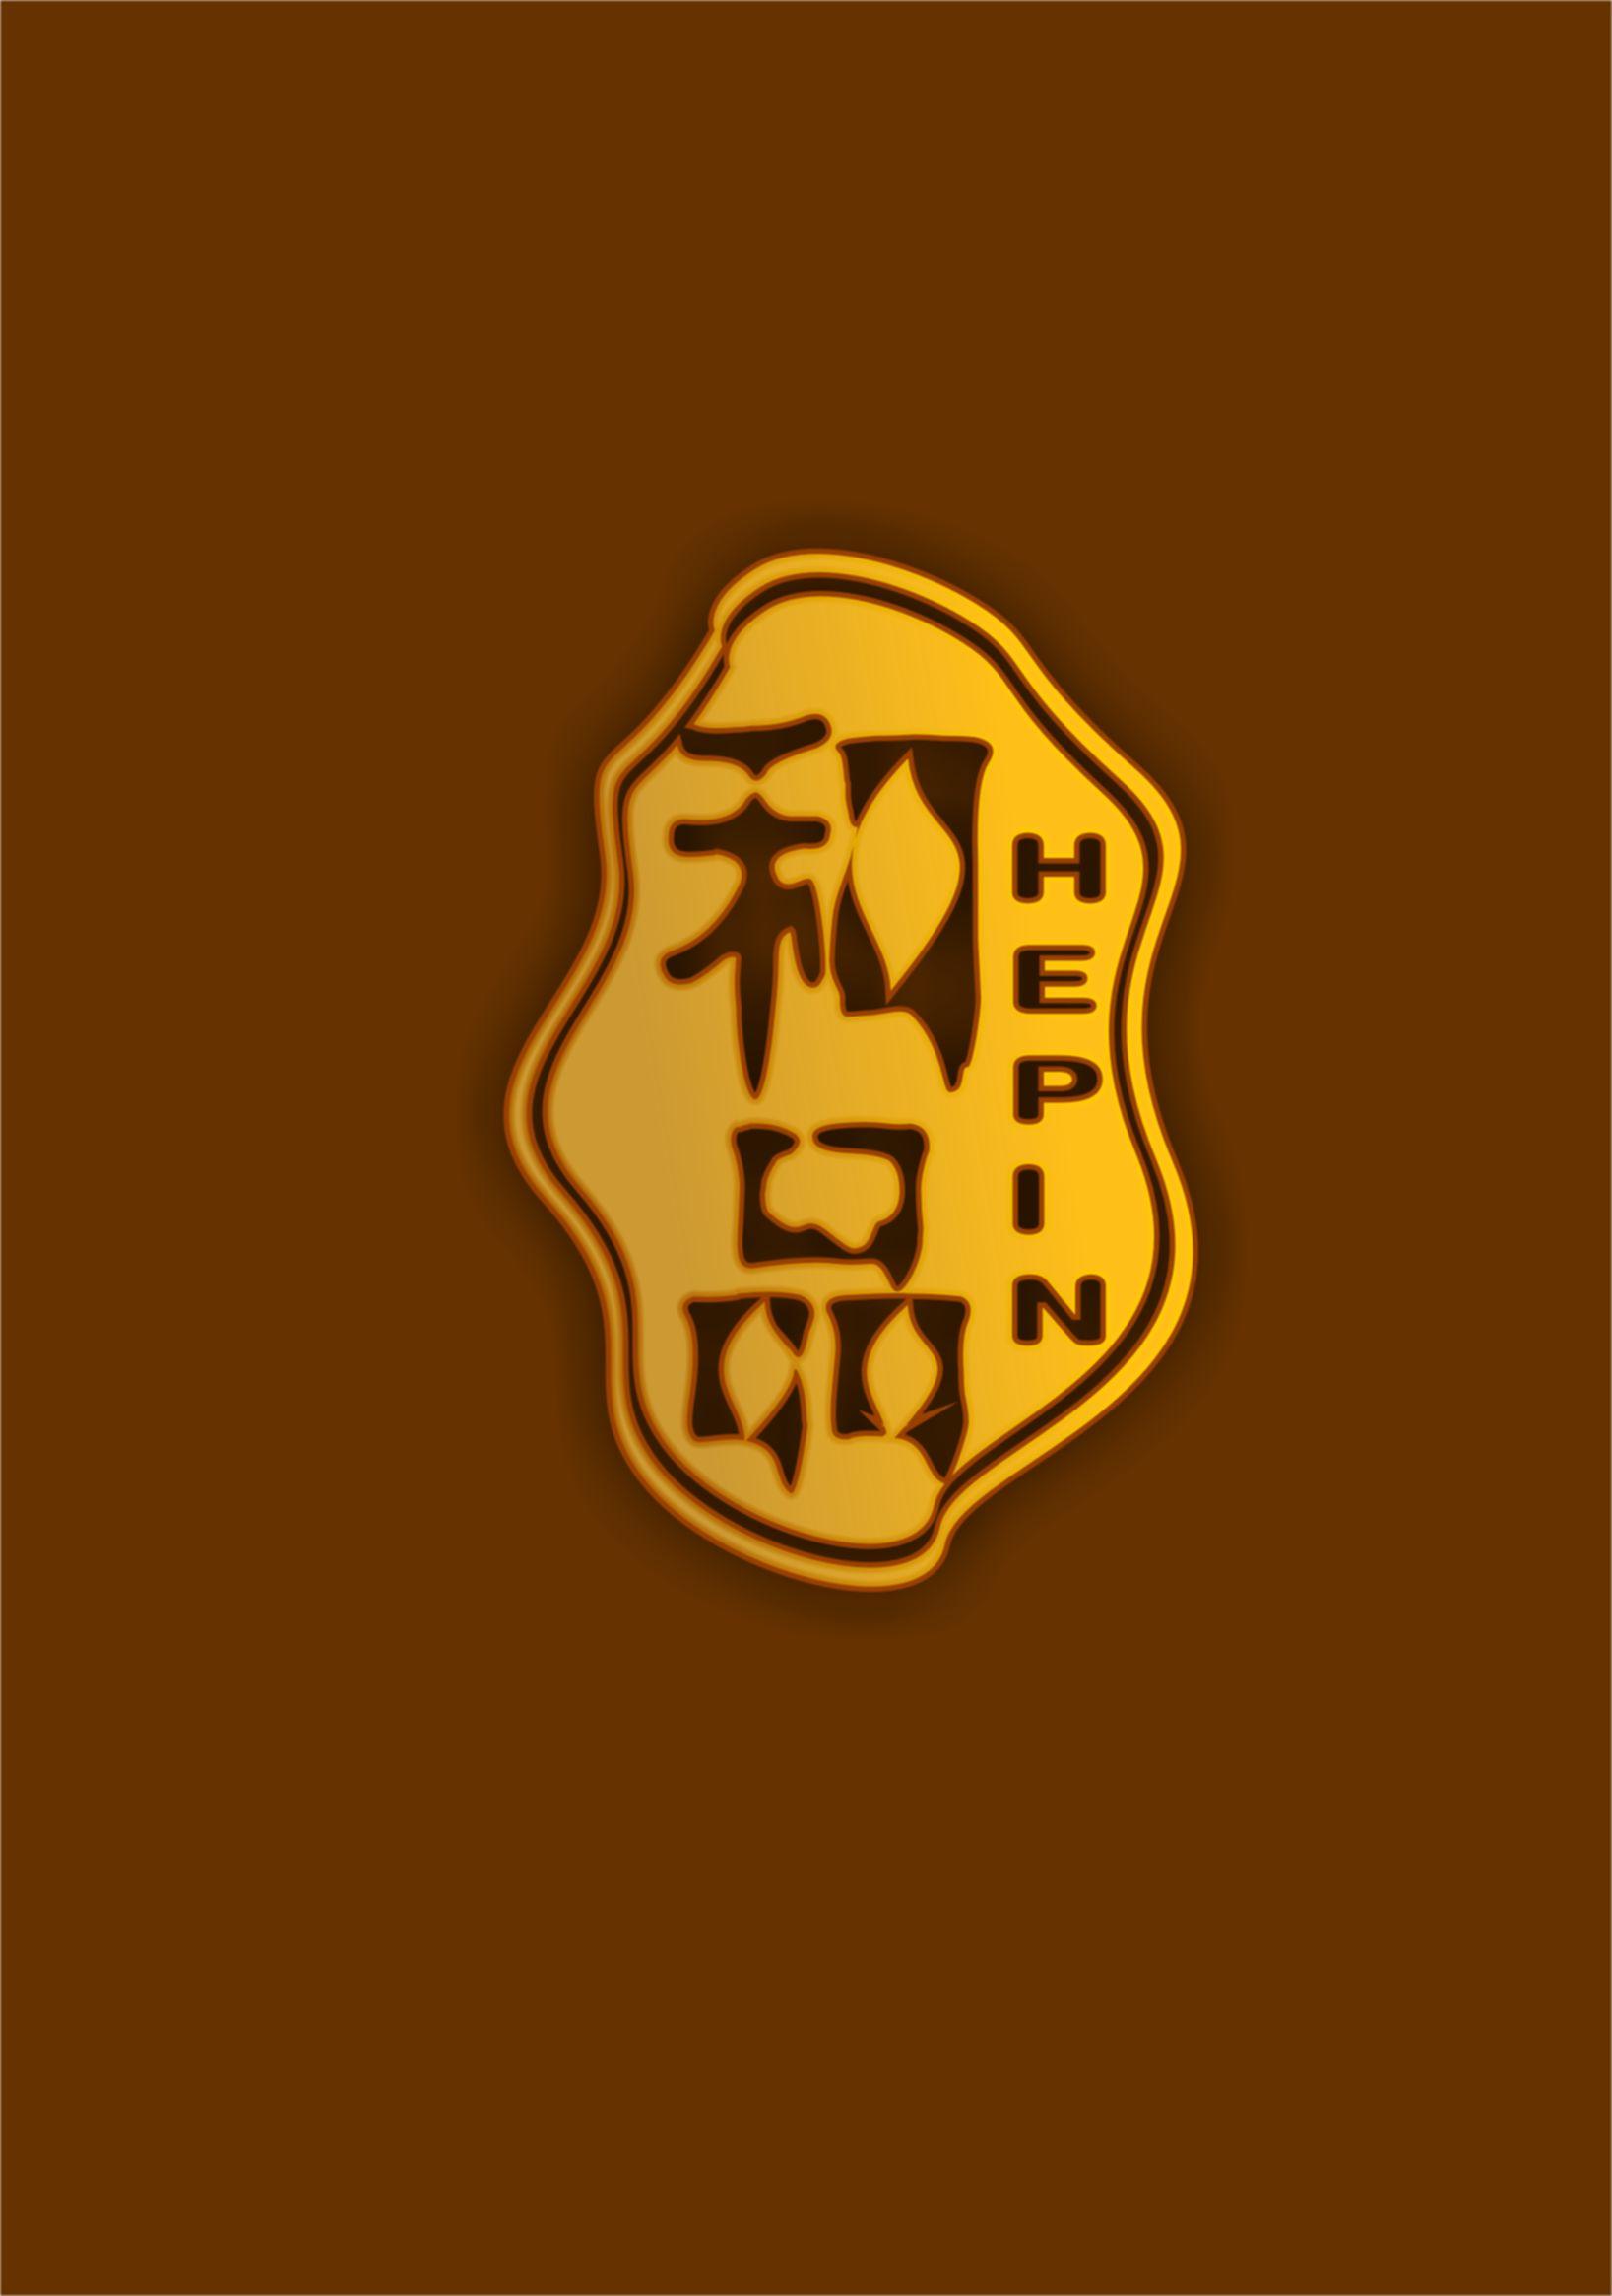 設計茶葉品牌的logo,及名片,茶葉包裝圖案